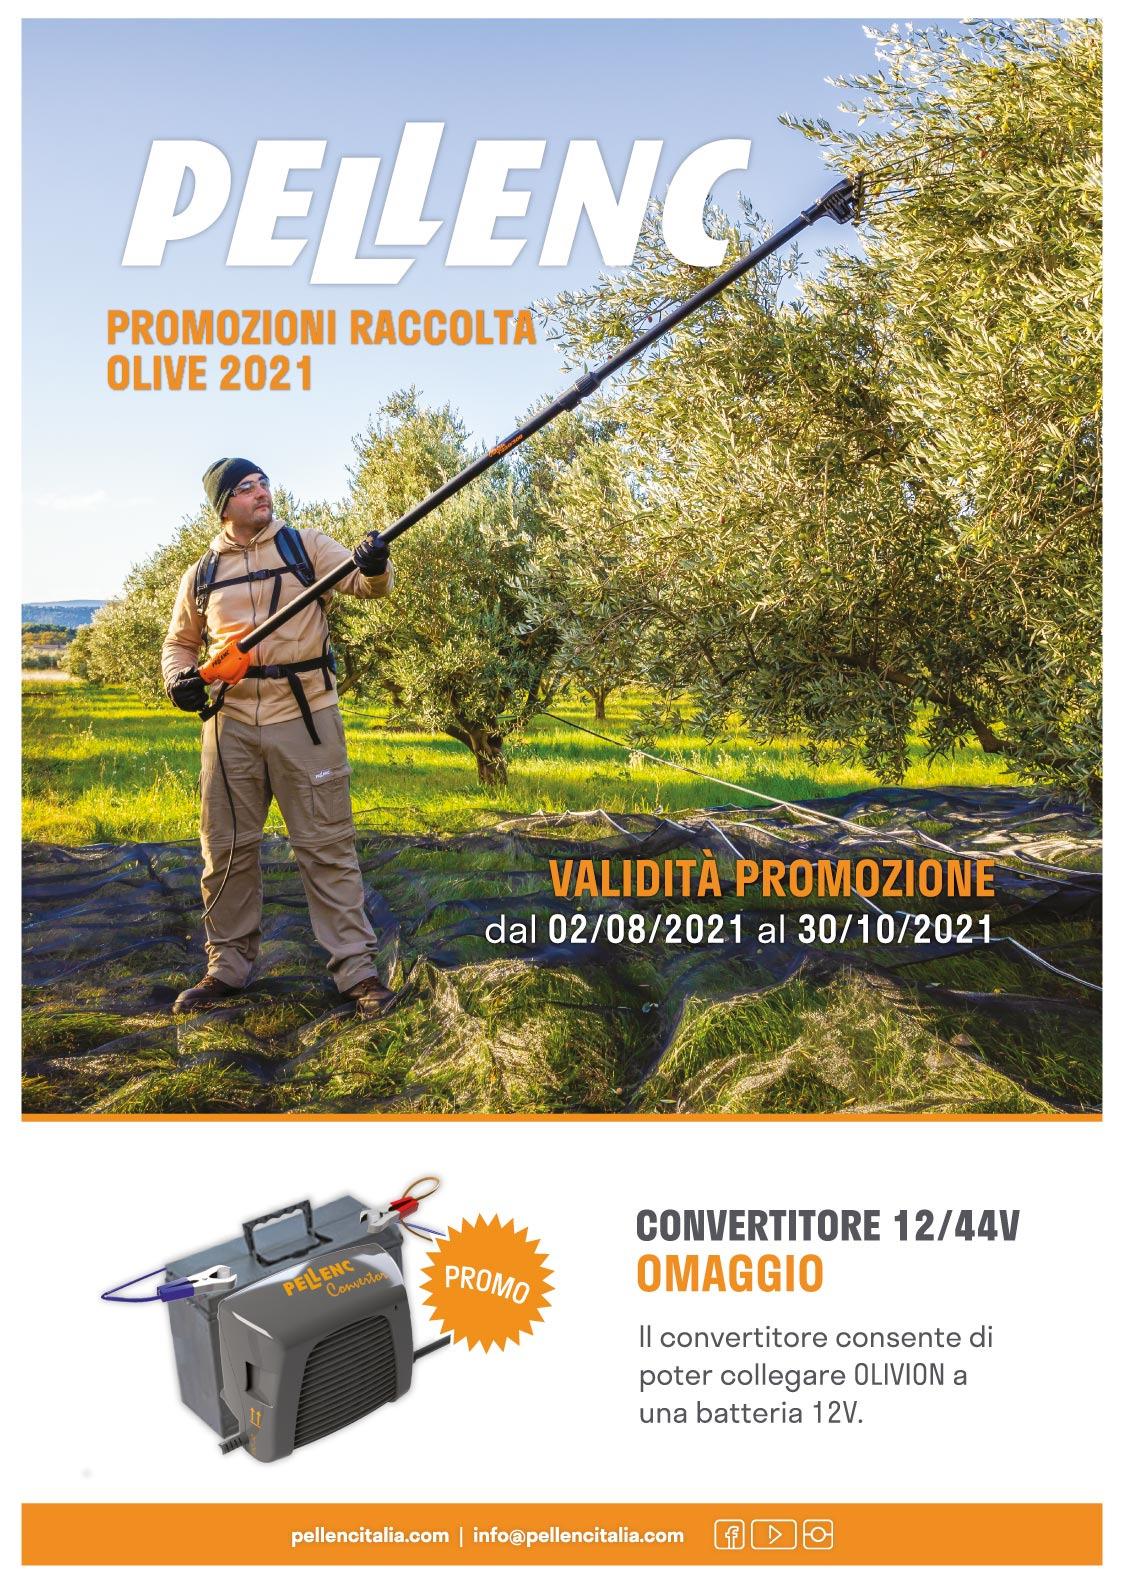 Promo_Convertitore olivion 2021